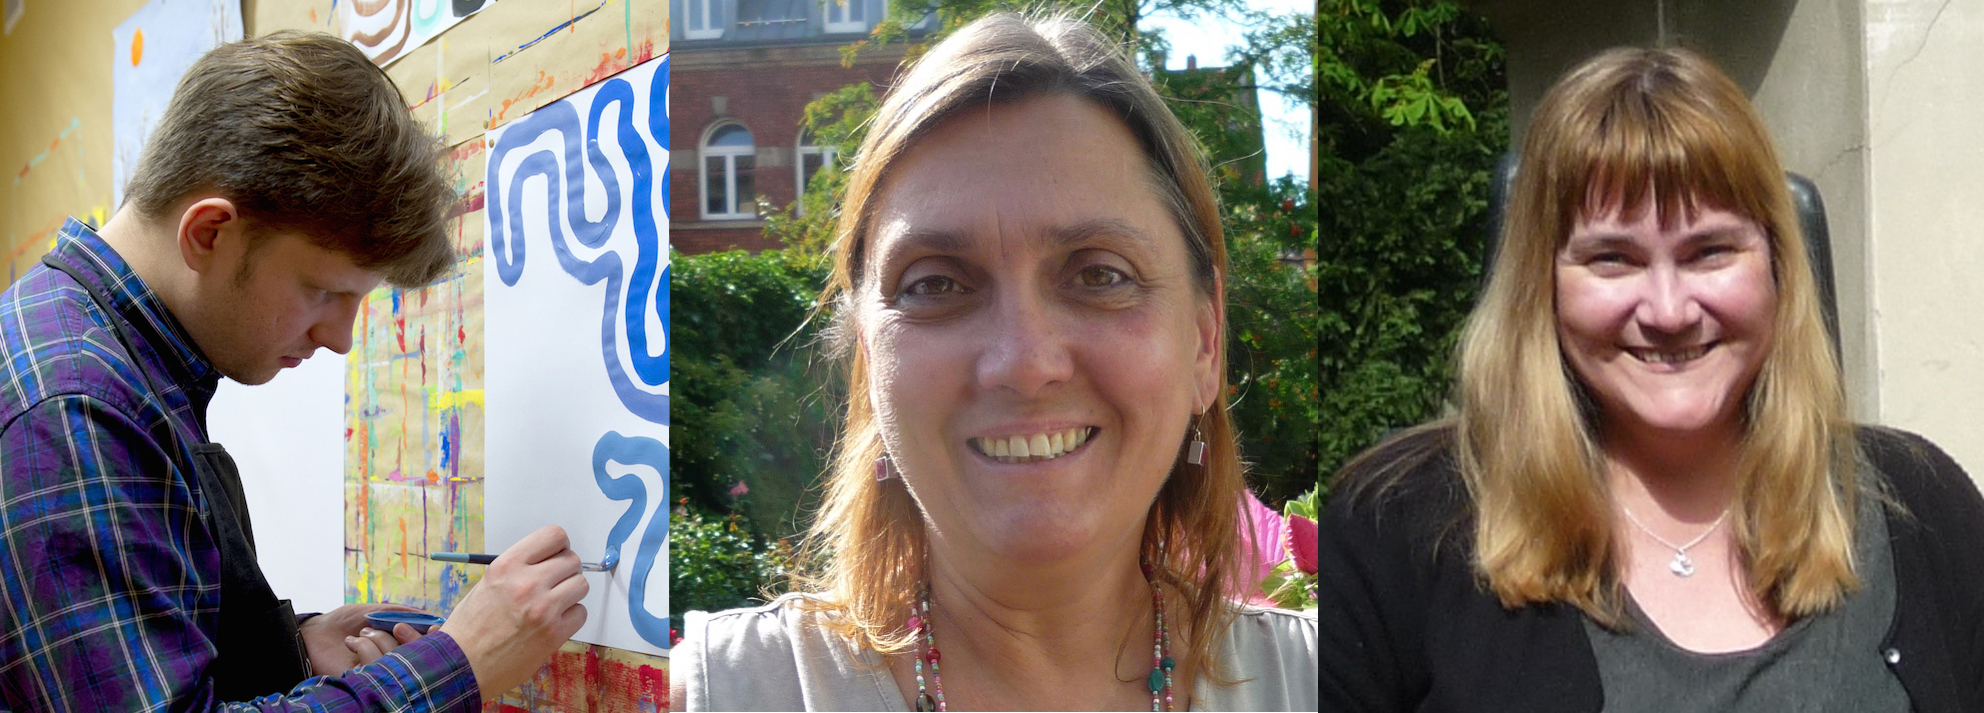 Gewinner/innen des Preisausschreibens: Florian Snow, Jeannette Munique und Sabine Saam